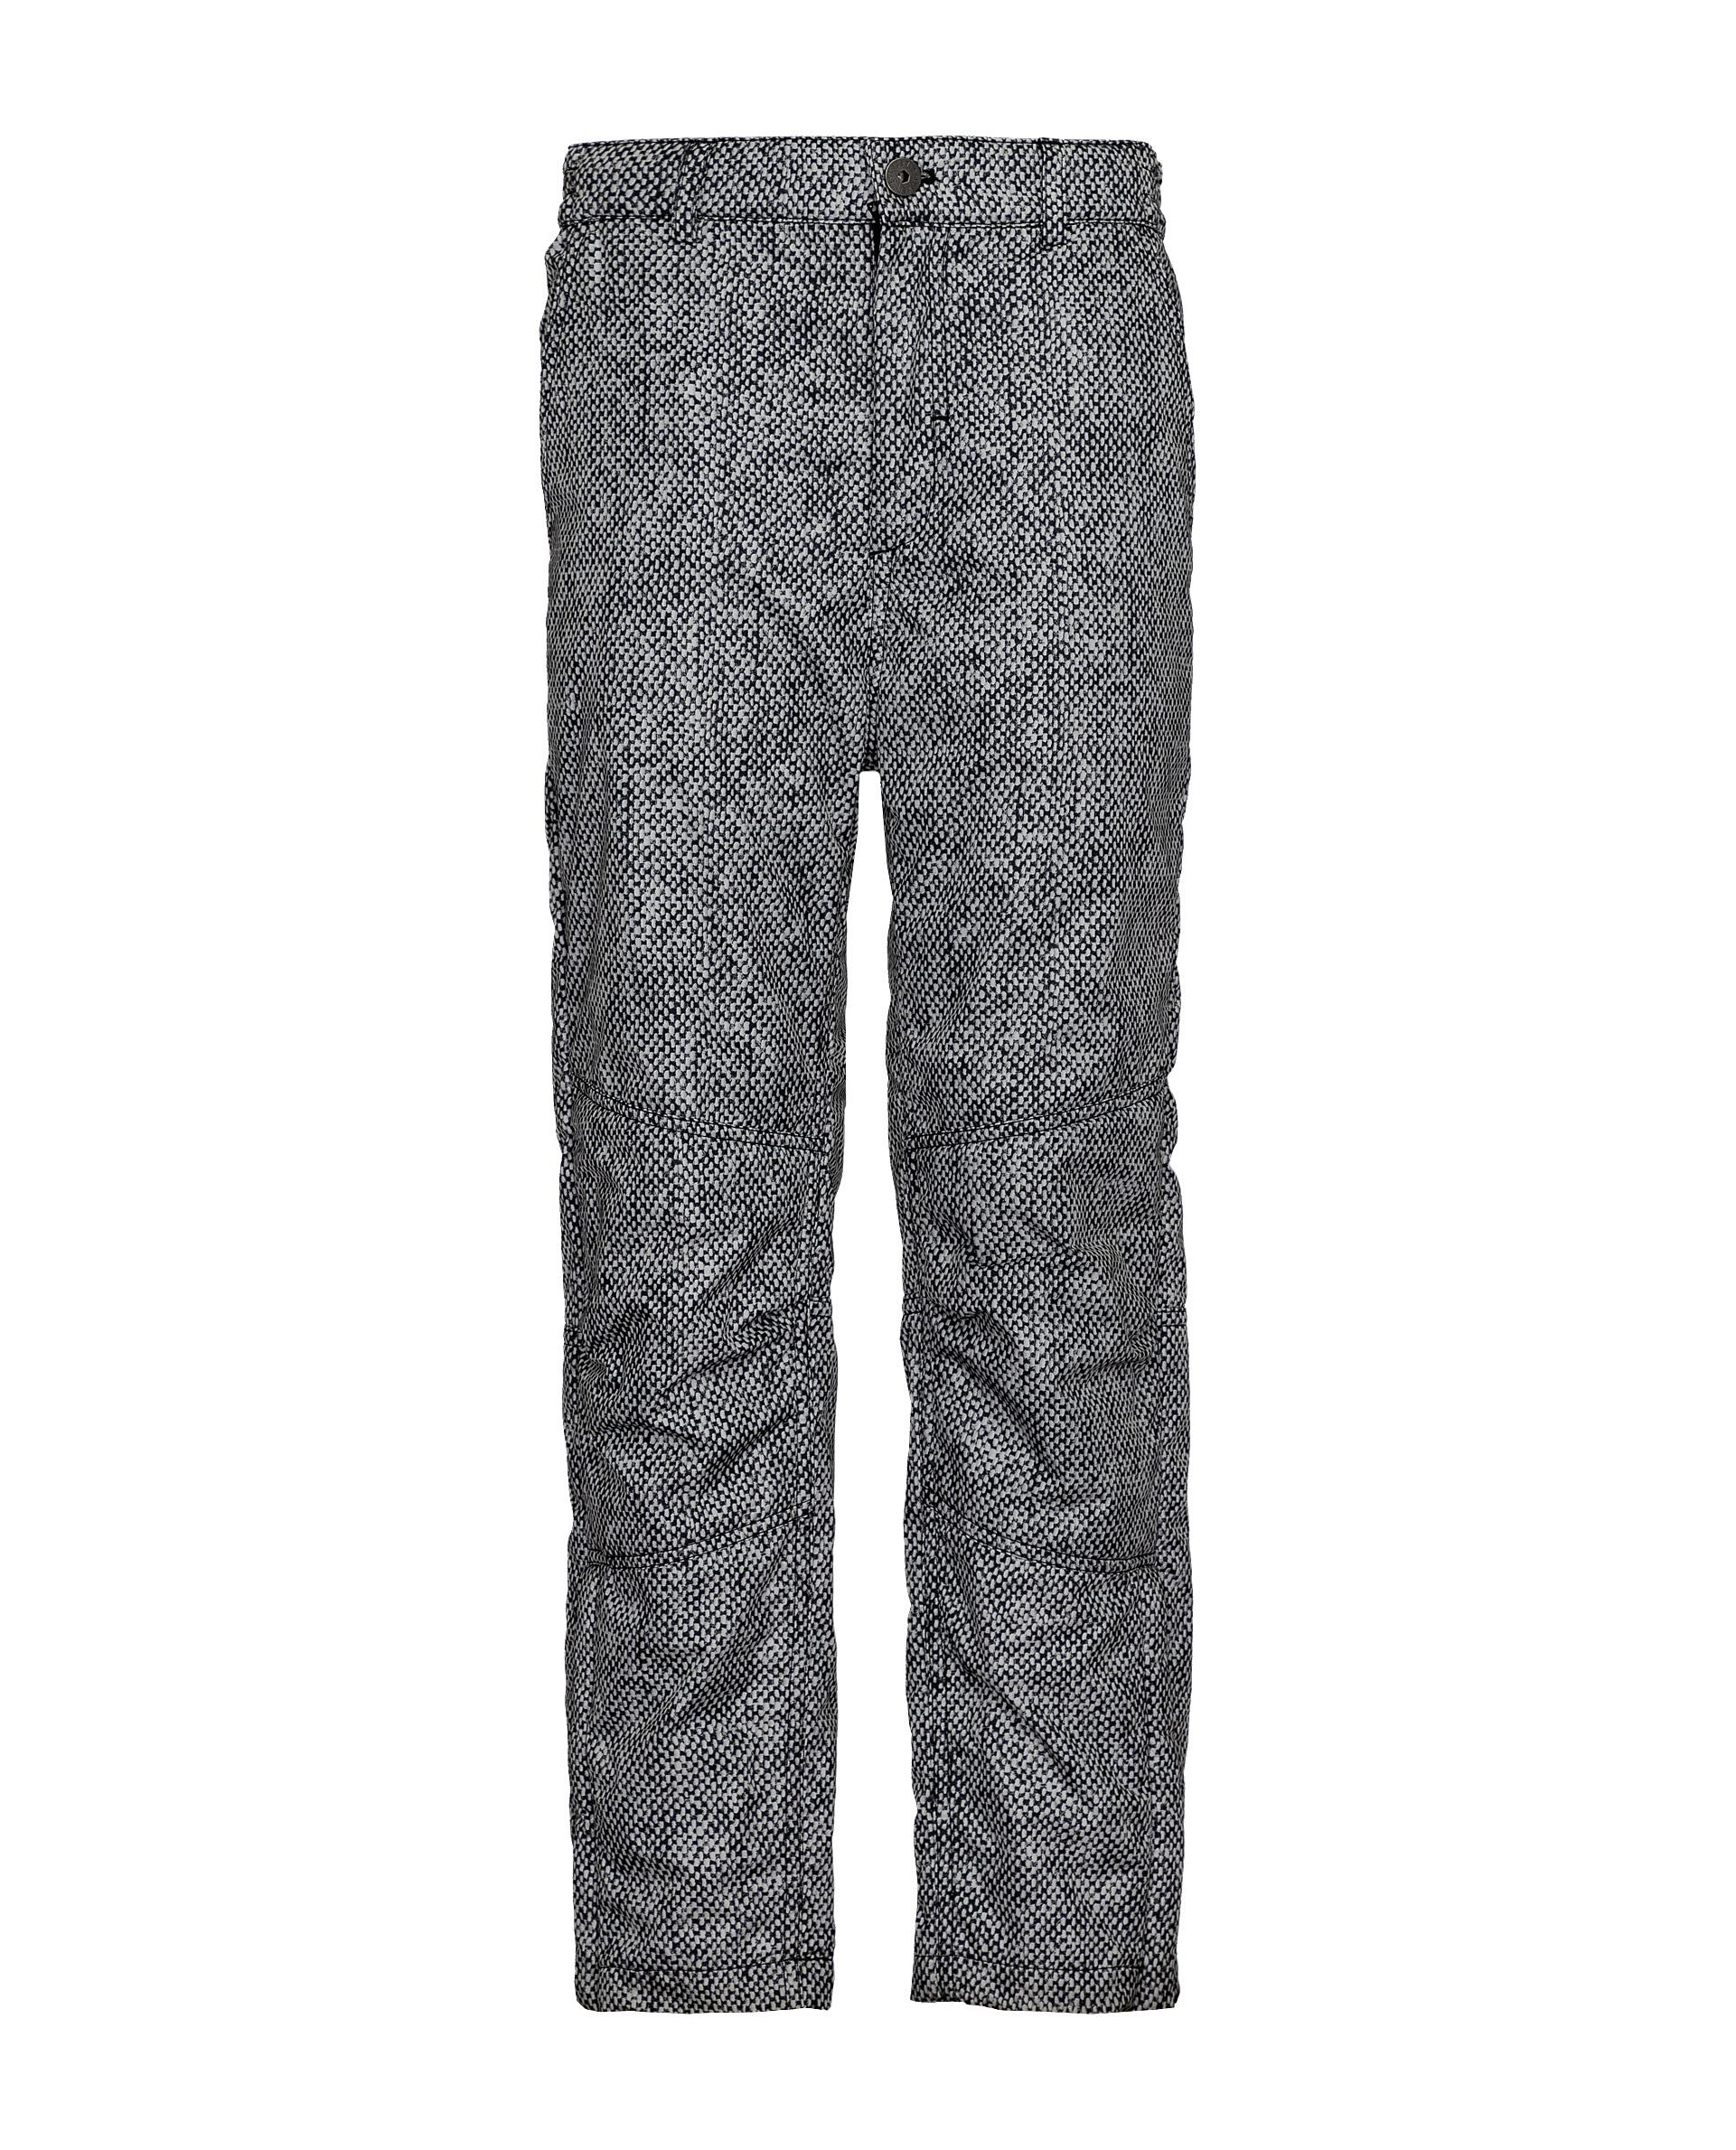 Купить 21910BJC6401, Серые утепленные демисезонные брюки Gulliver, серый, 158, Мужской, ОСЕНЬ/ЗИМА 2019-2020 (shop: GulliverMarket Gulliver Market)